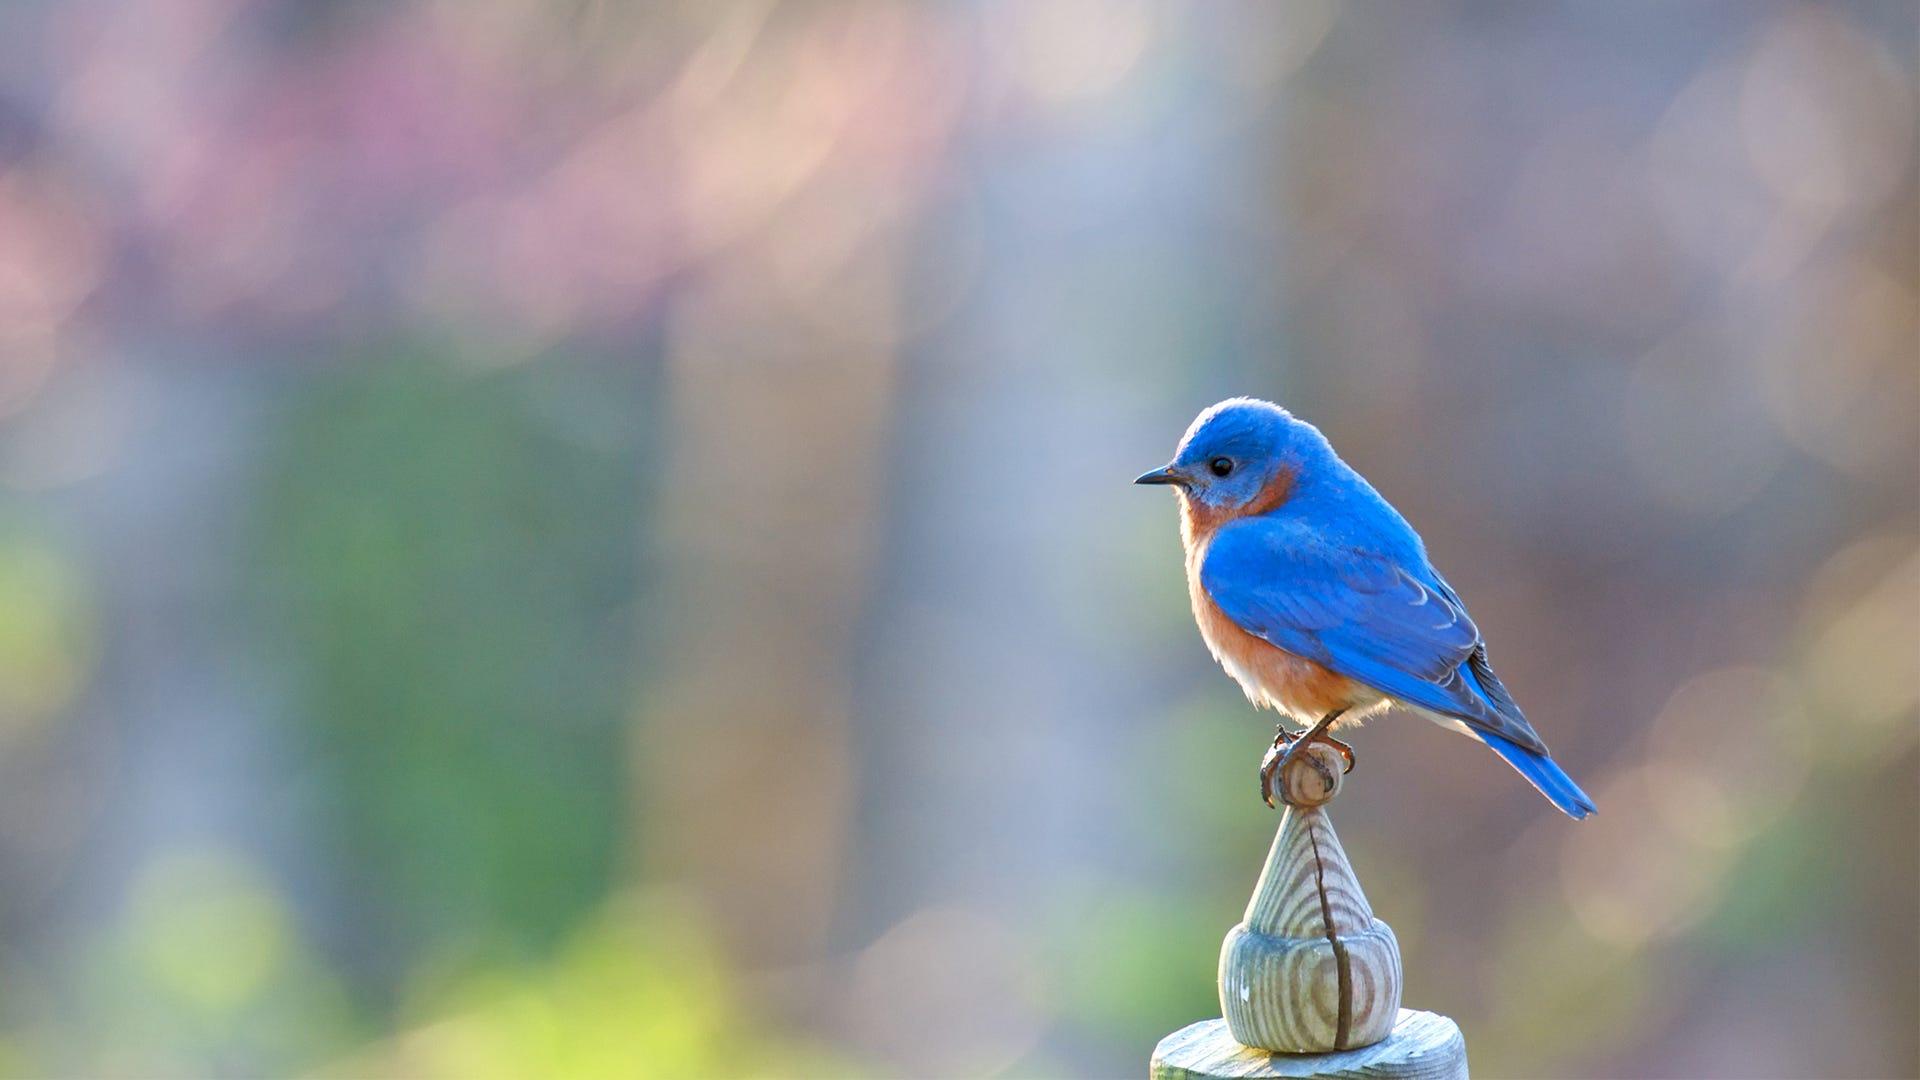 Bluebirds in Danger of Decline: How to Help